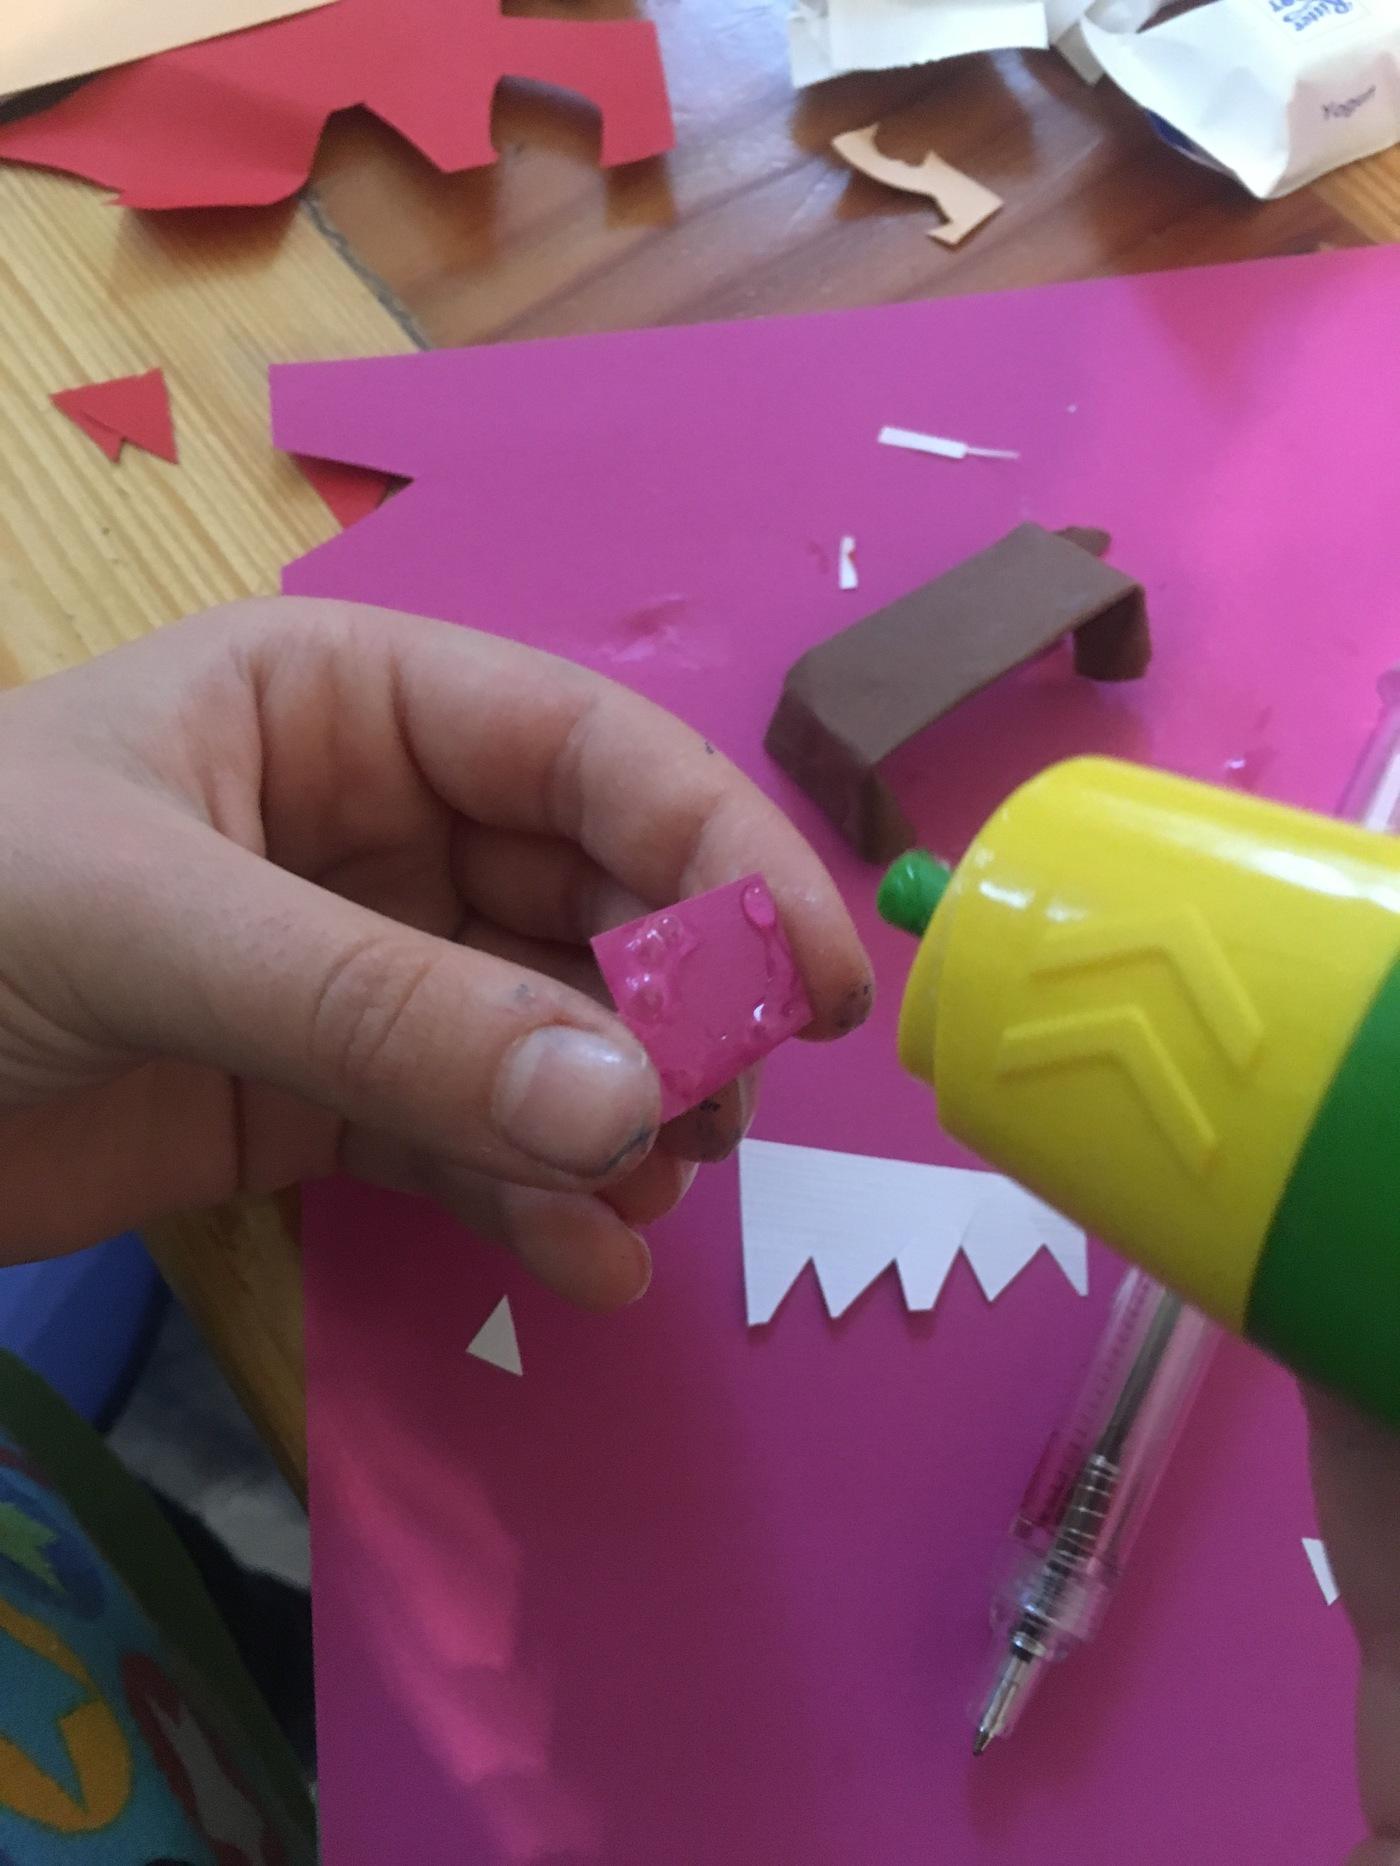 Kind trägt Kleber auf Papier auf